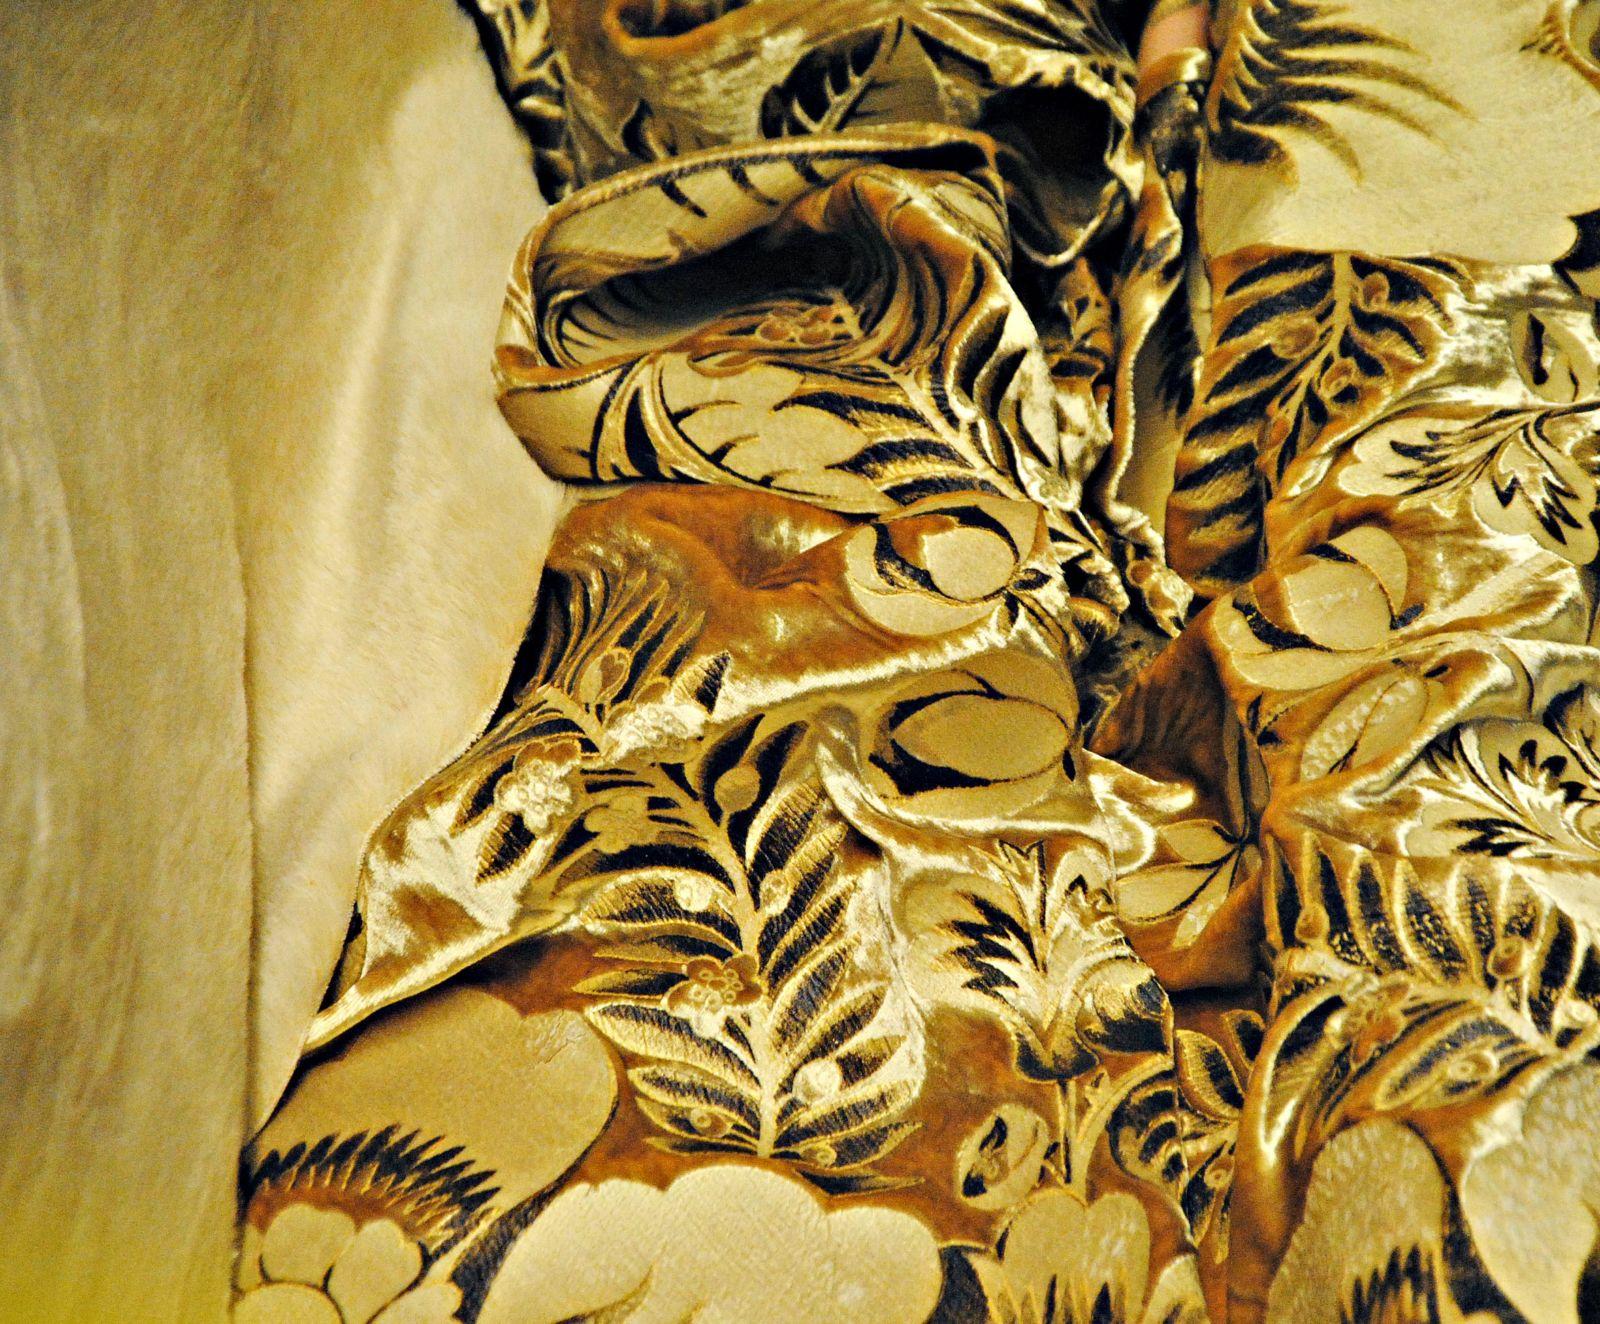 DSC 2174 L'imperiale broccato di seta